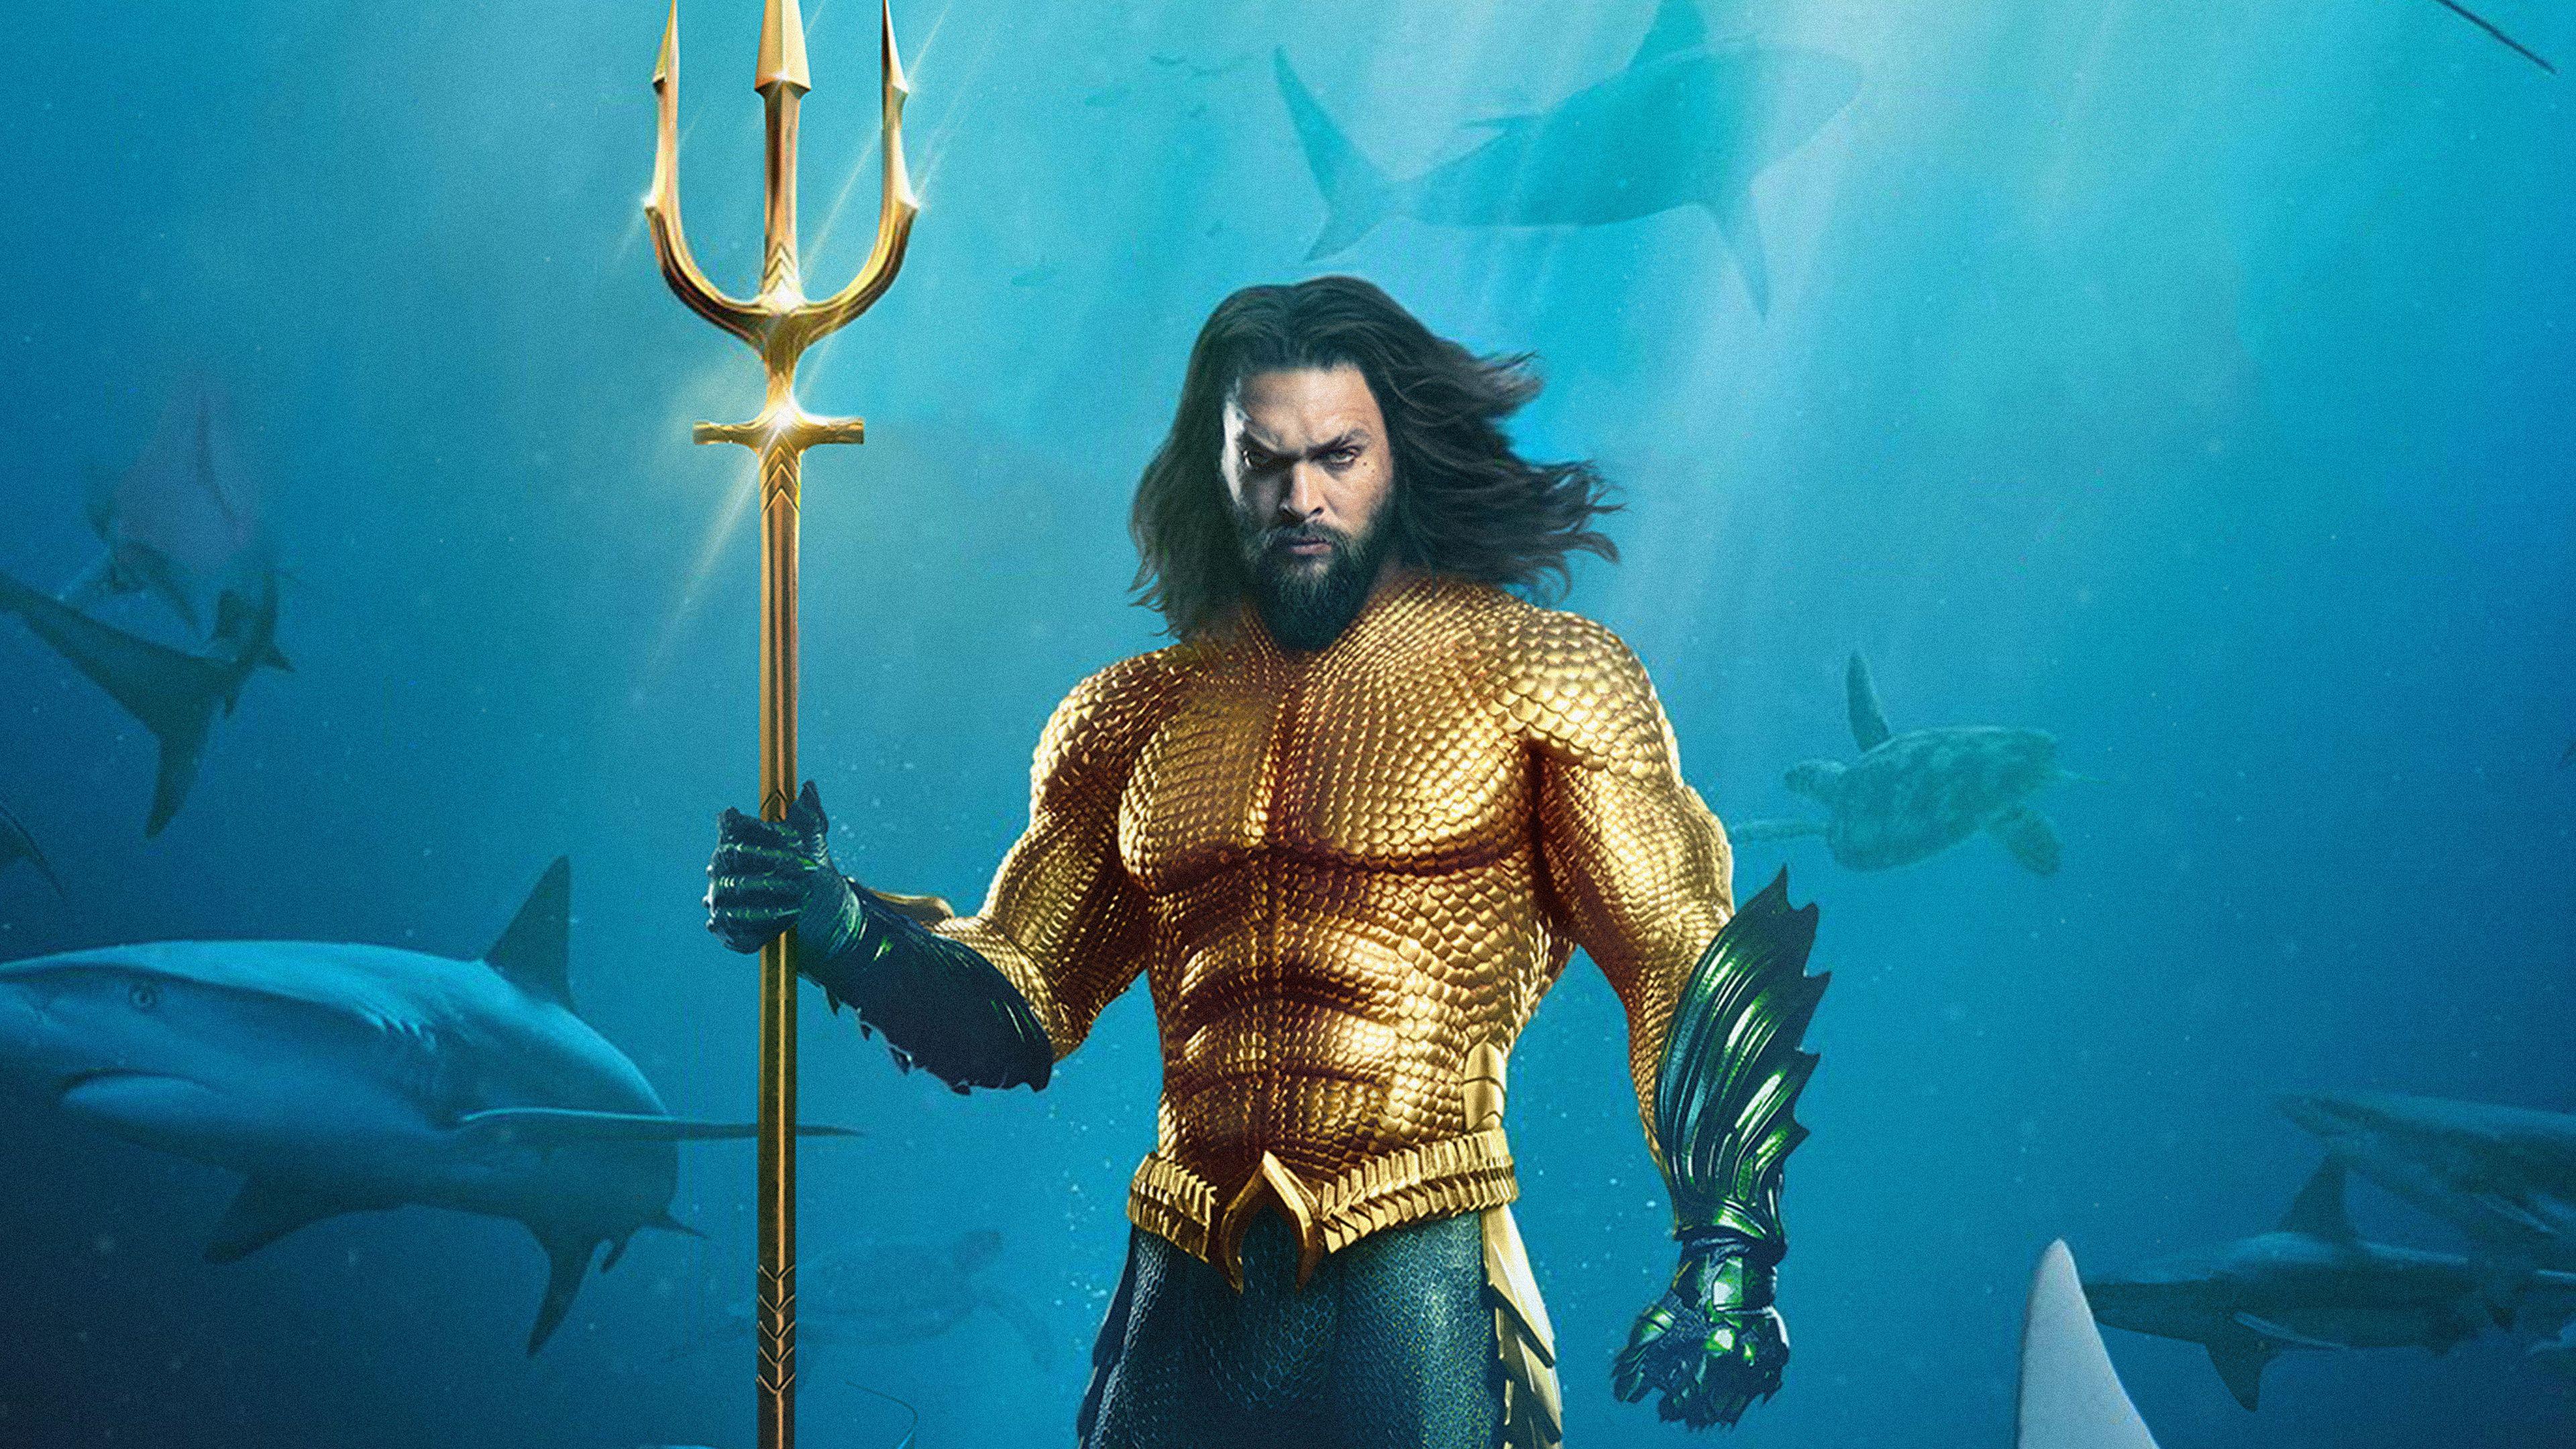 Aquaman 4k Movies Wallpapers Hd Wallpapers Aquaman Wallpapers 5k Wallpapers 4k Wallpapers 2018 Movies Wallpapers Aquaman Movie Wallpapers New Aquaman